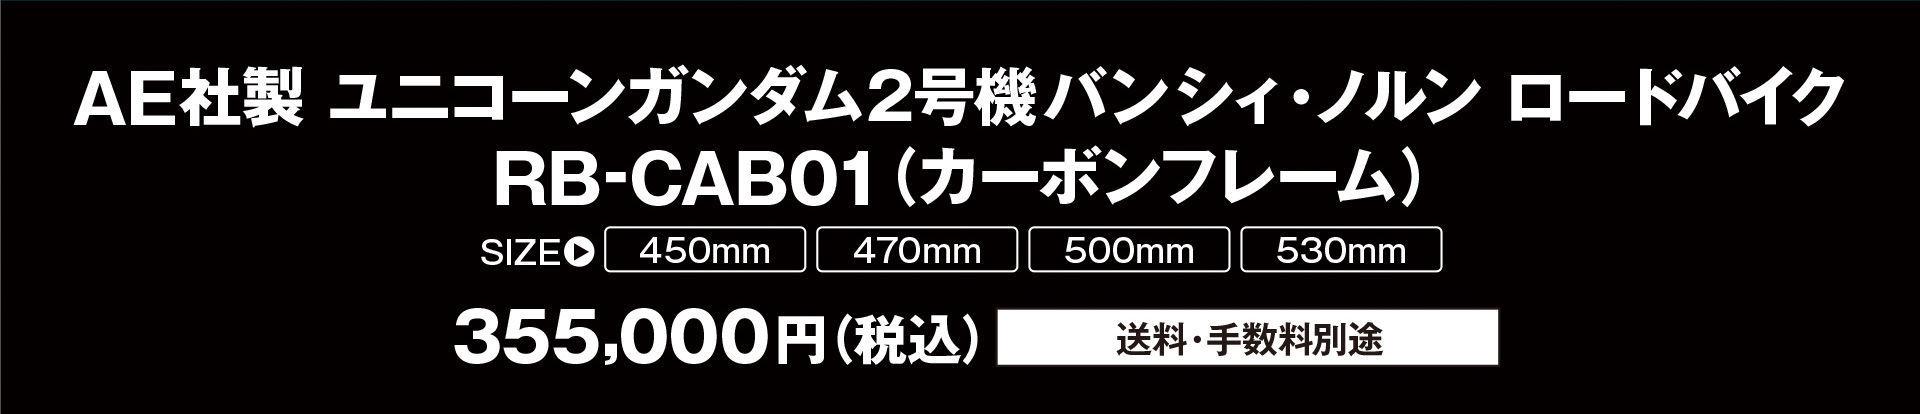 ユニコーンガンダム2号機 バンシィ・ノルン ロードバイク RB-CAB01(カーボンフレーム)